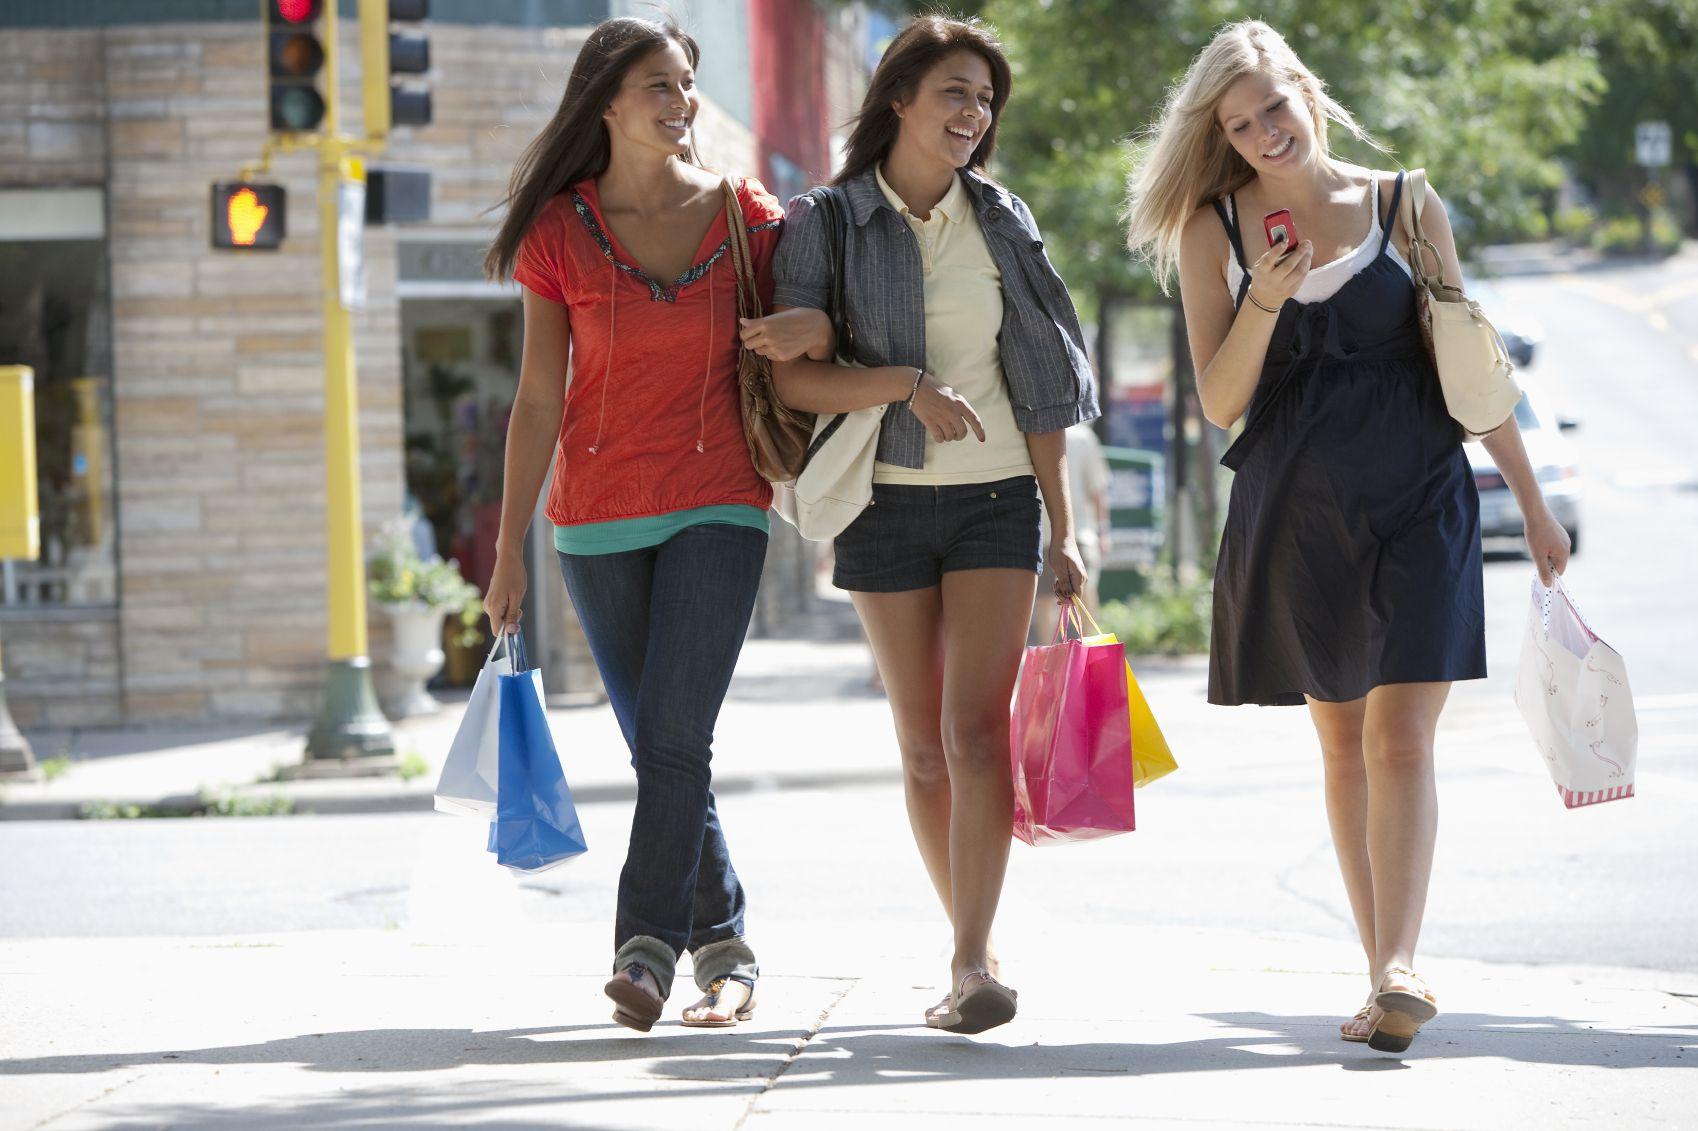 sleeping-walking-teen-girls